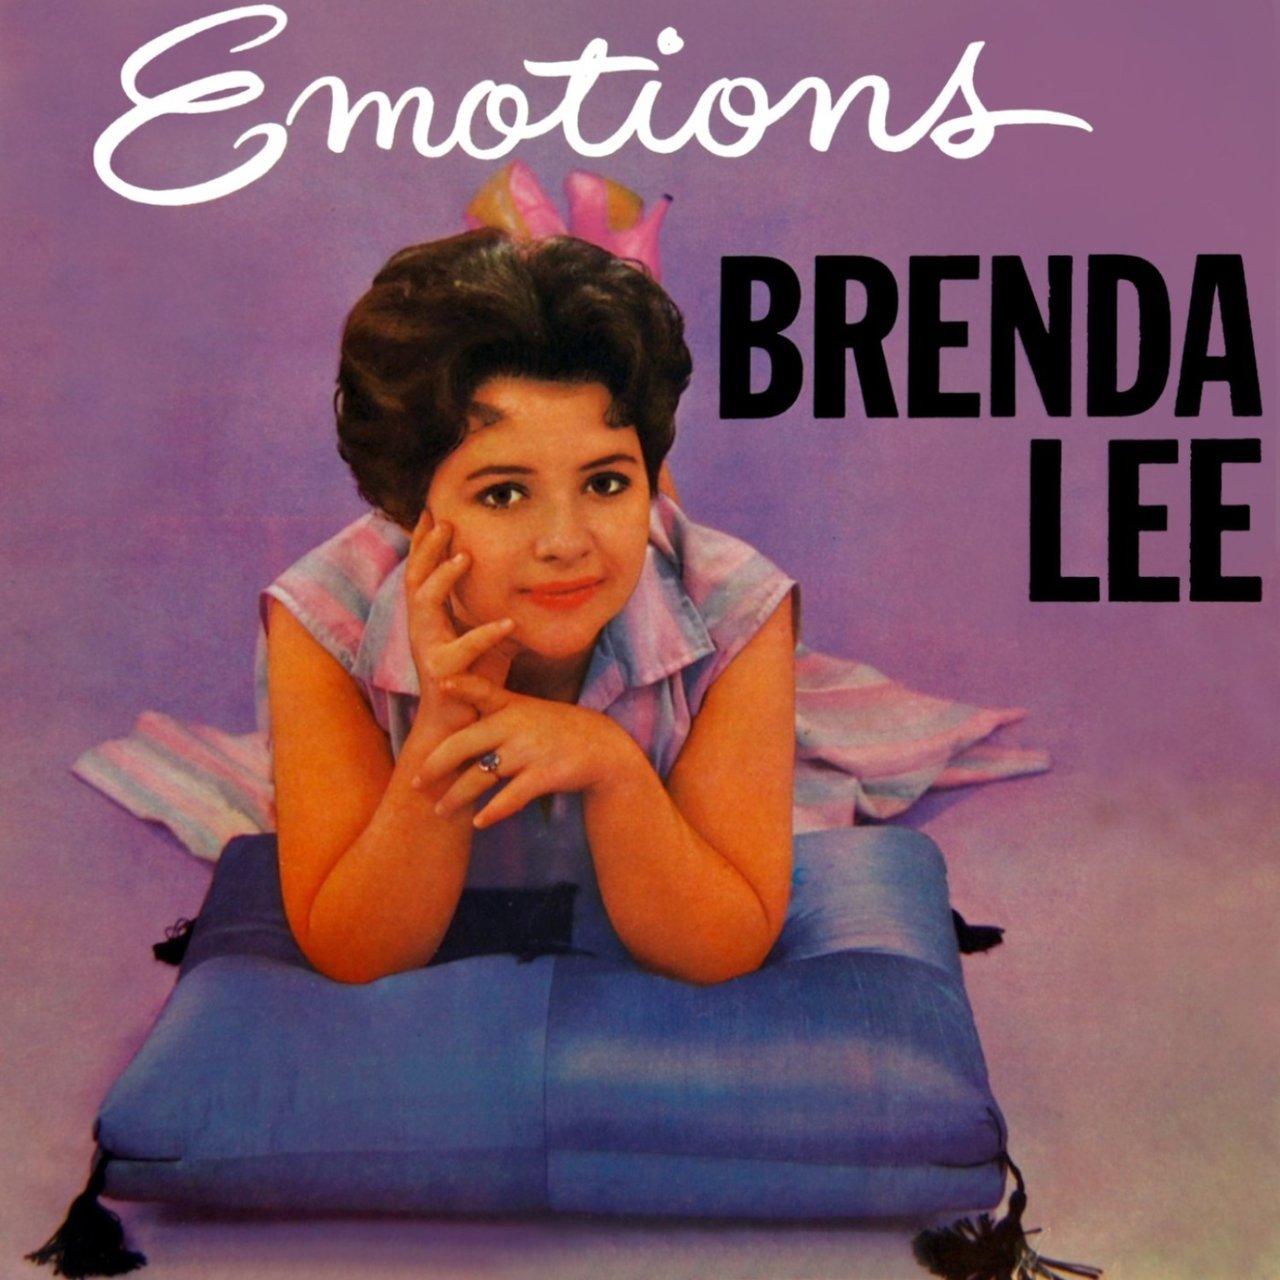 Tidal Listen To Brenda Lee On Tidal